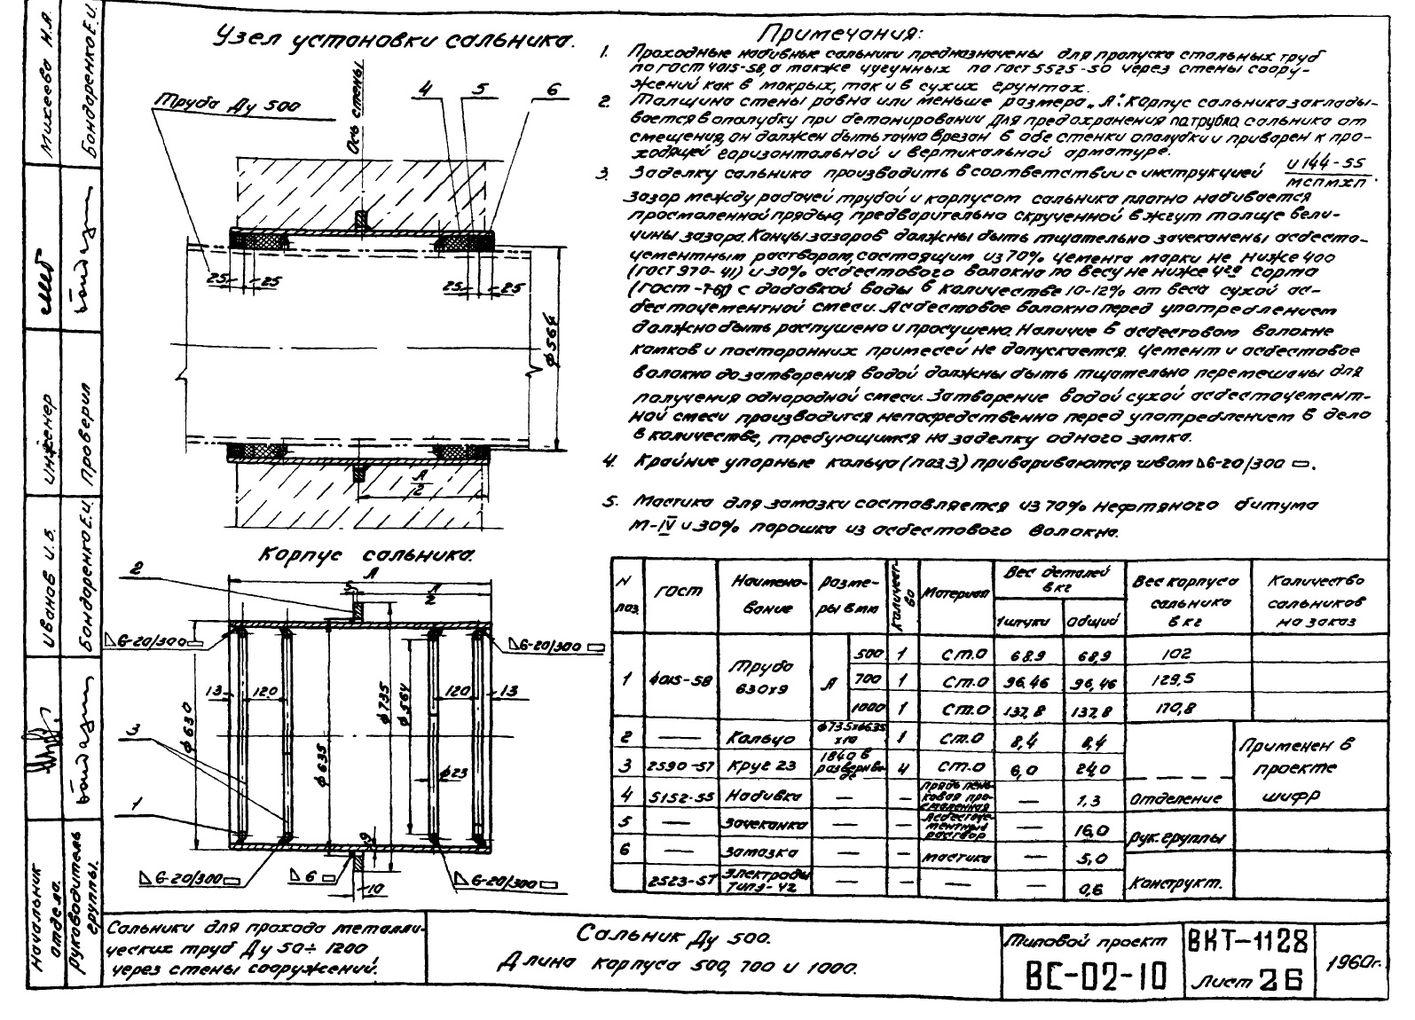 Сальники набивные L = 500 мм типовой проект ВС-02-10 стр.12